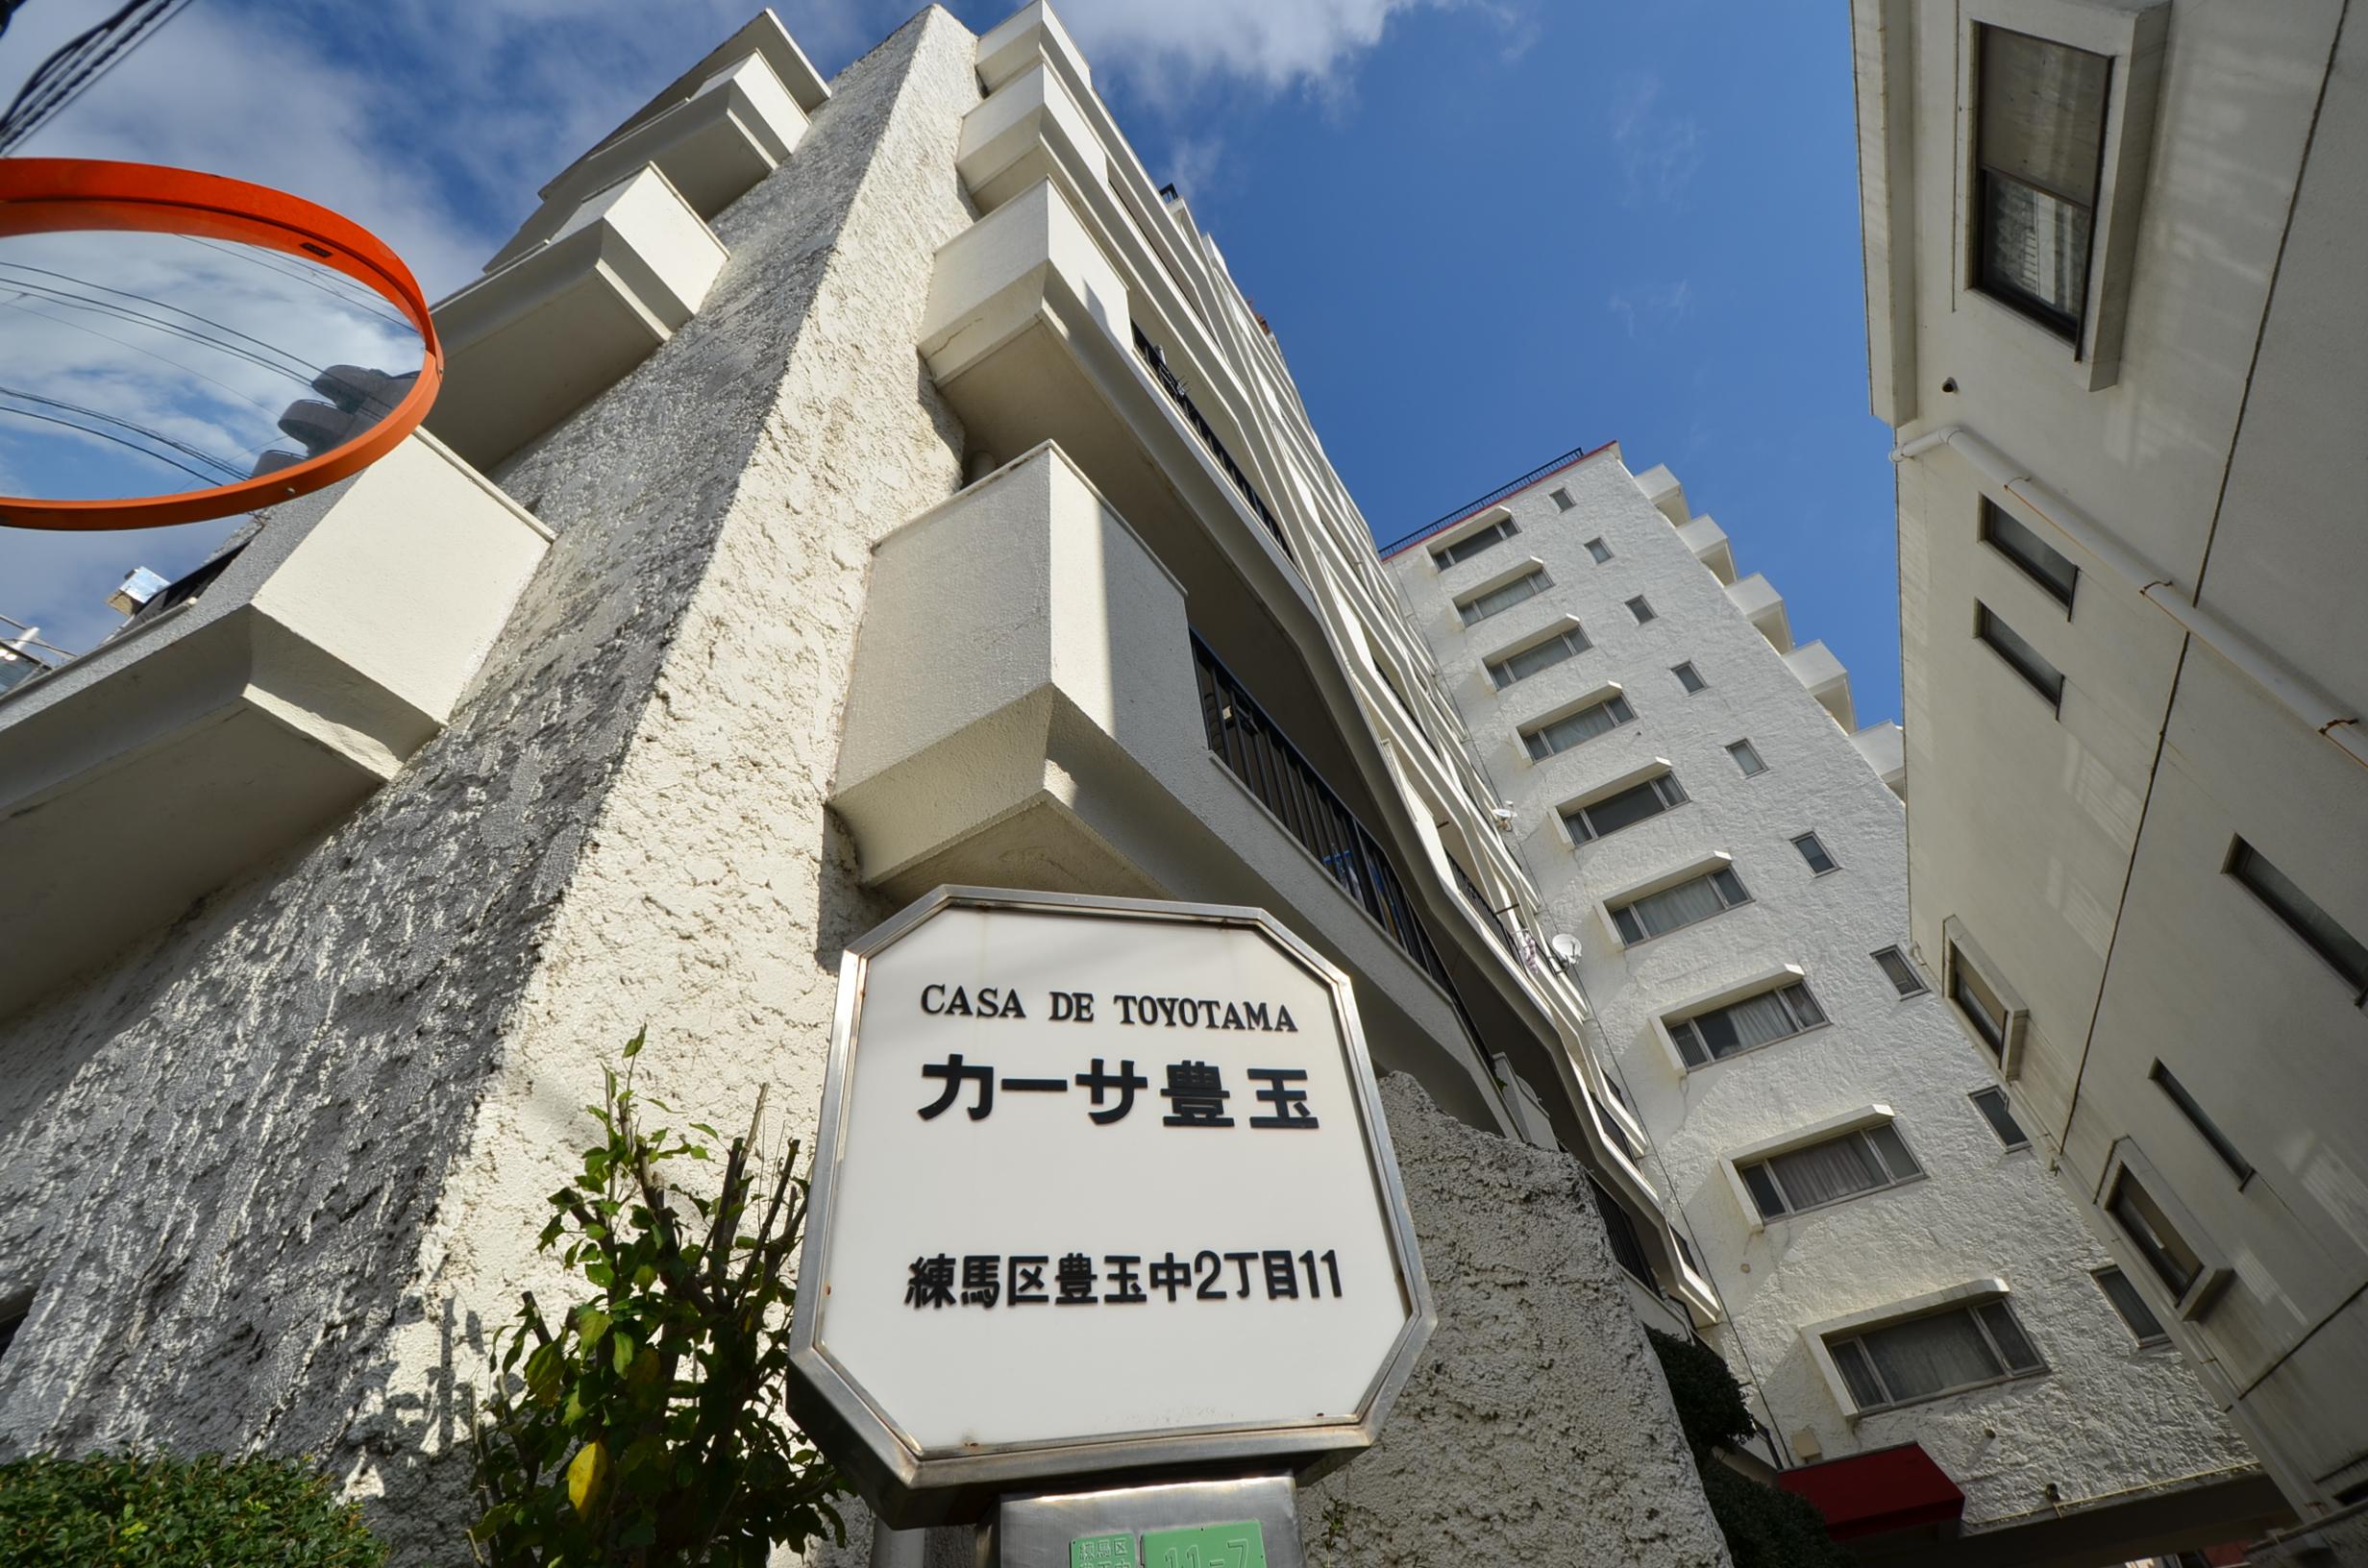 カーサ豊玉☆H28年9月内装リフォーム済み☆ペットと暮らせるお住まい☆8階部分☆